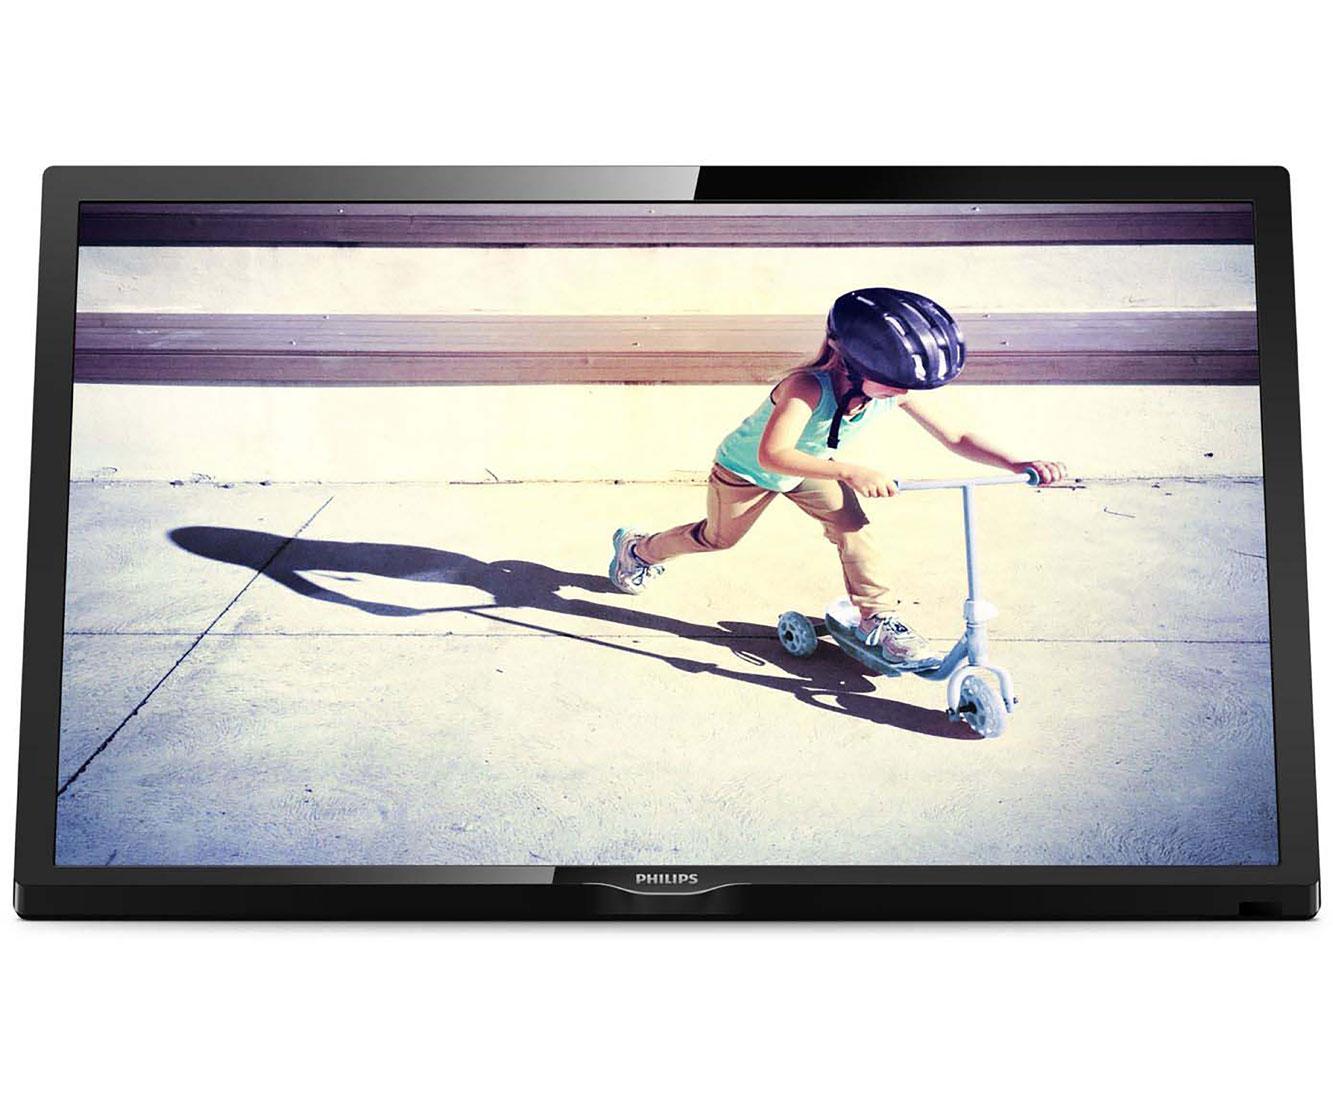 Philips TV 4000 Serie 24PFS4022 Fernseher - Sch...